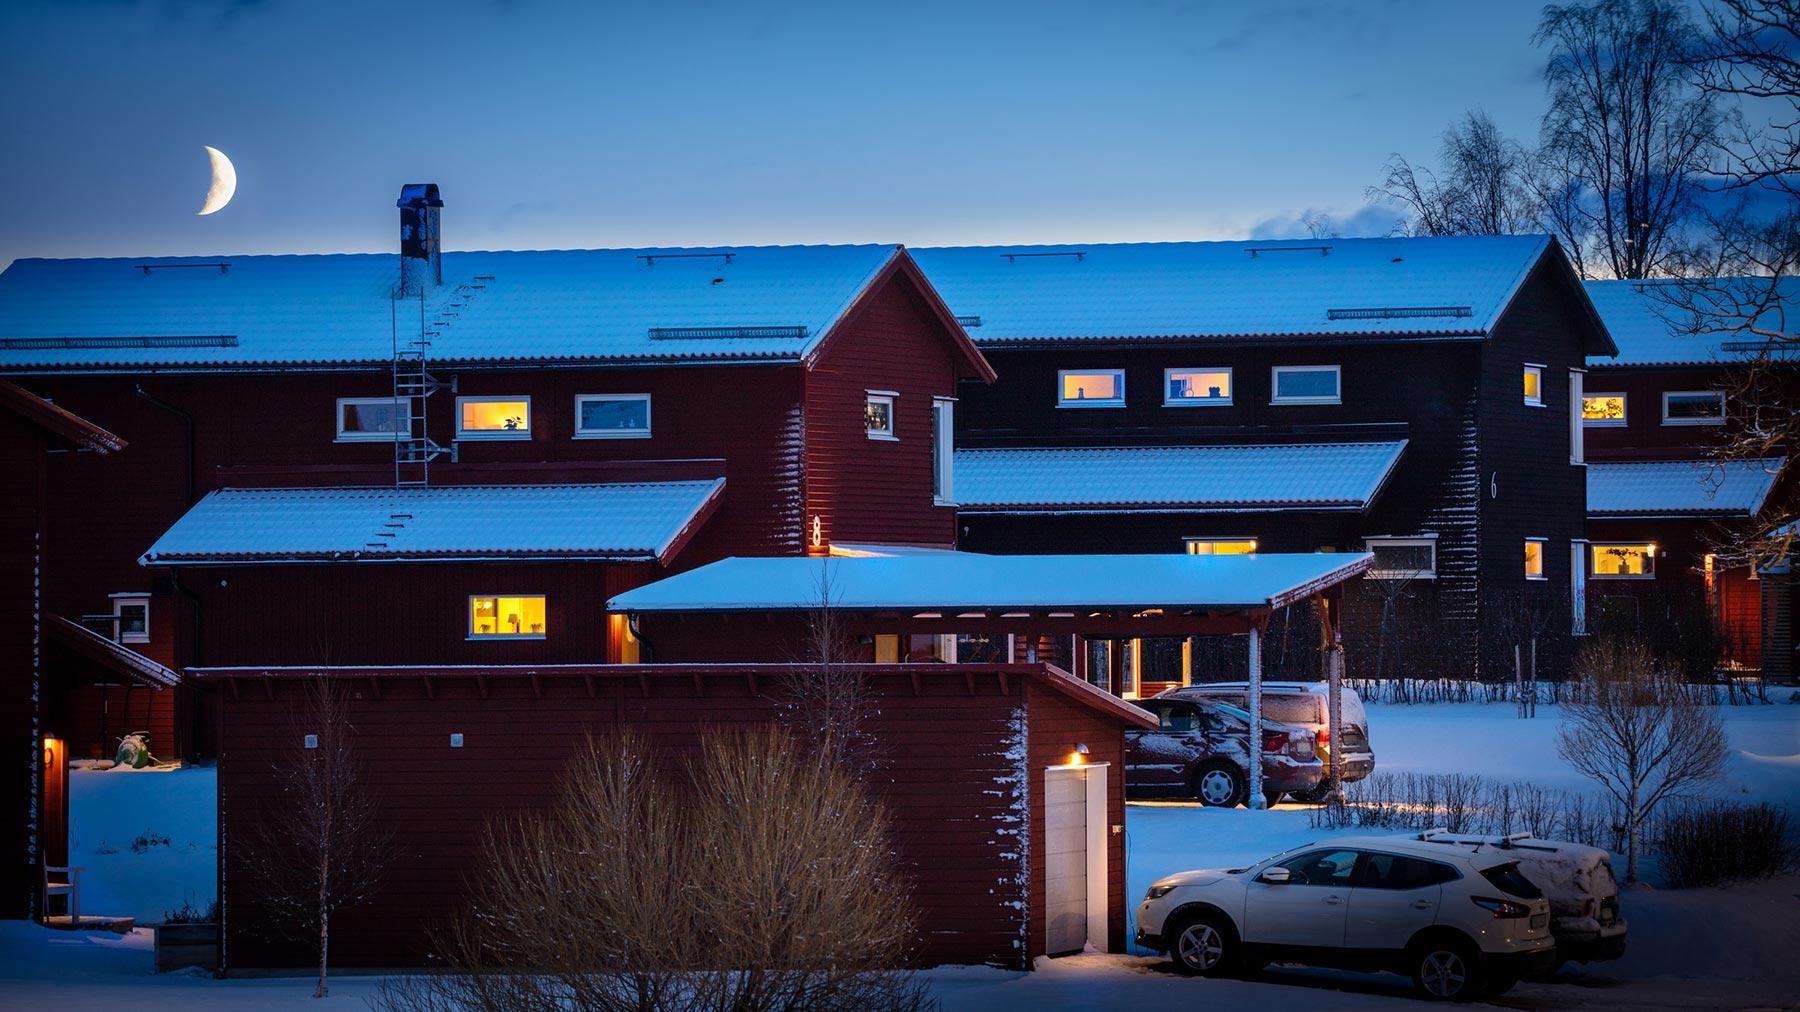 Illustrativ bild som föreställer ett bostadsområde. Månen lyser över taken och inomhusbelysnigen lyser upp fönstren på de röda husen. Nysnö ligger på marken och bilar står parkerade utanför husen.